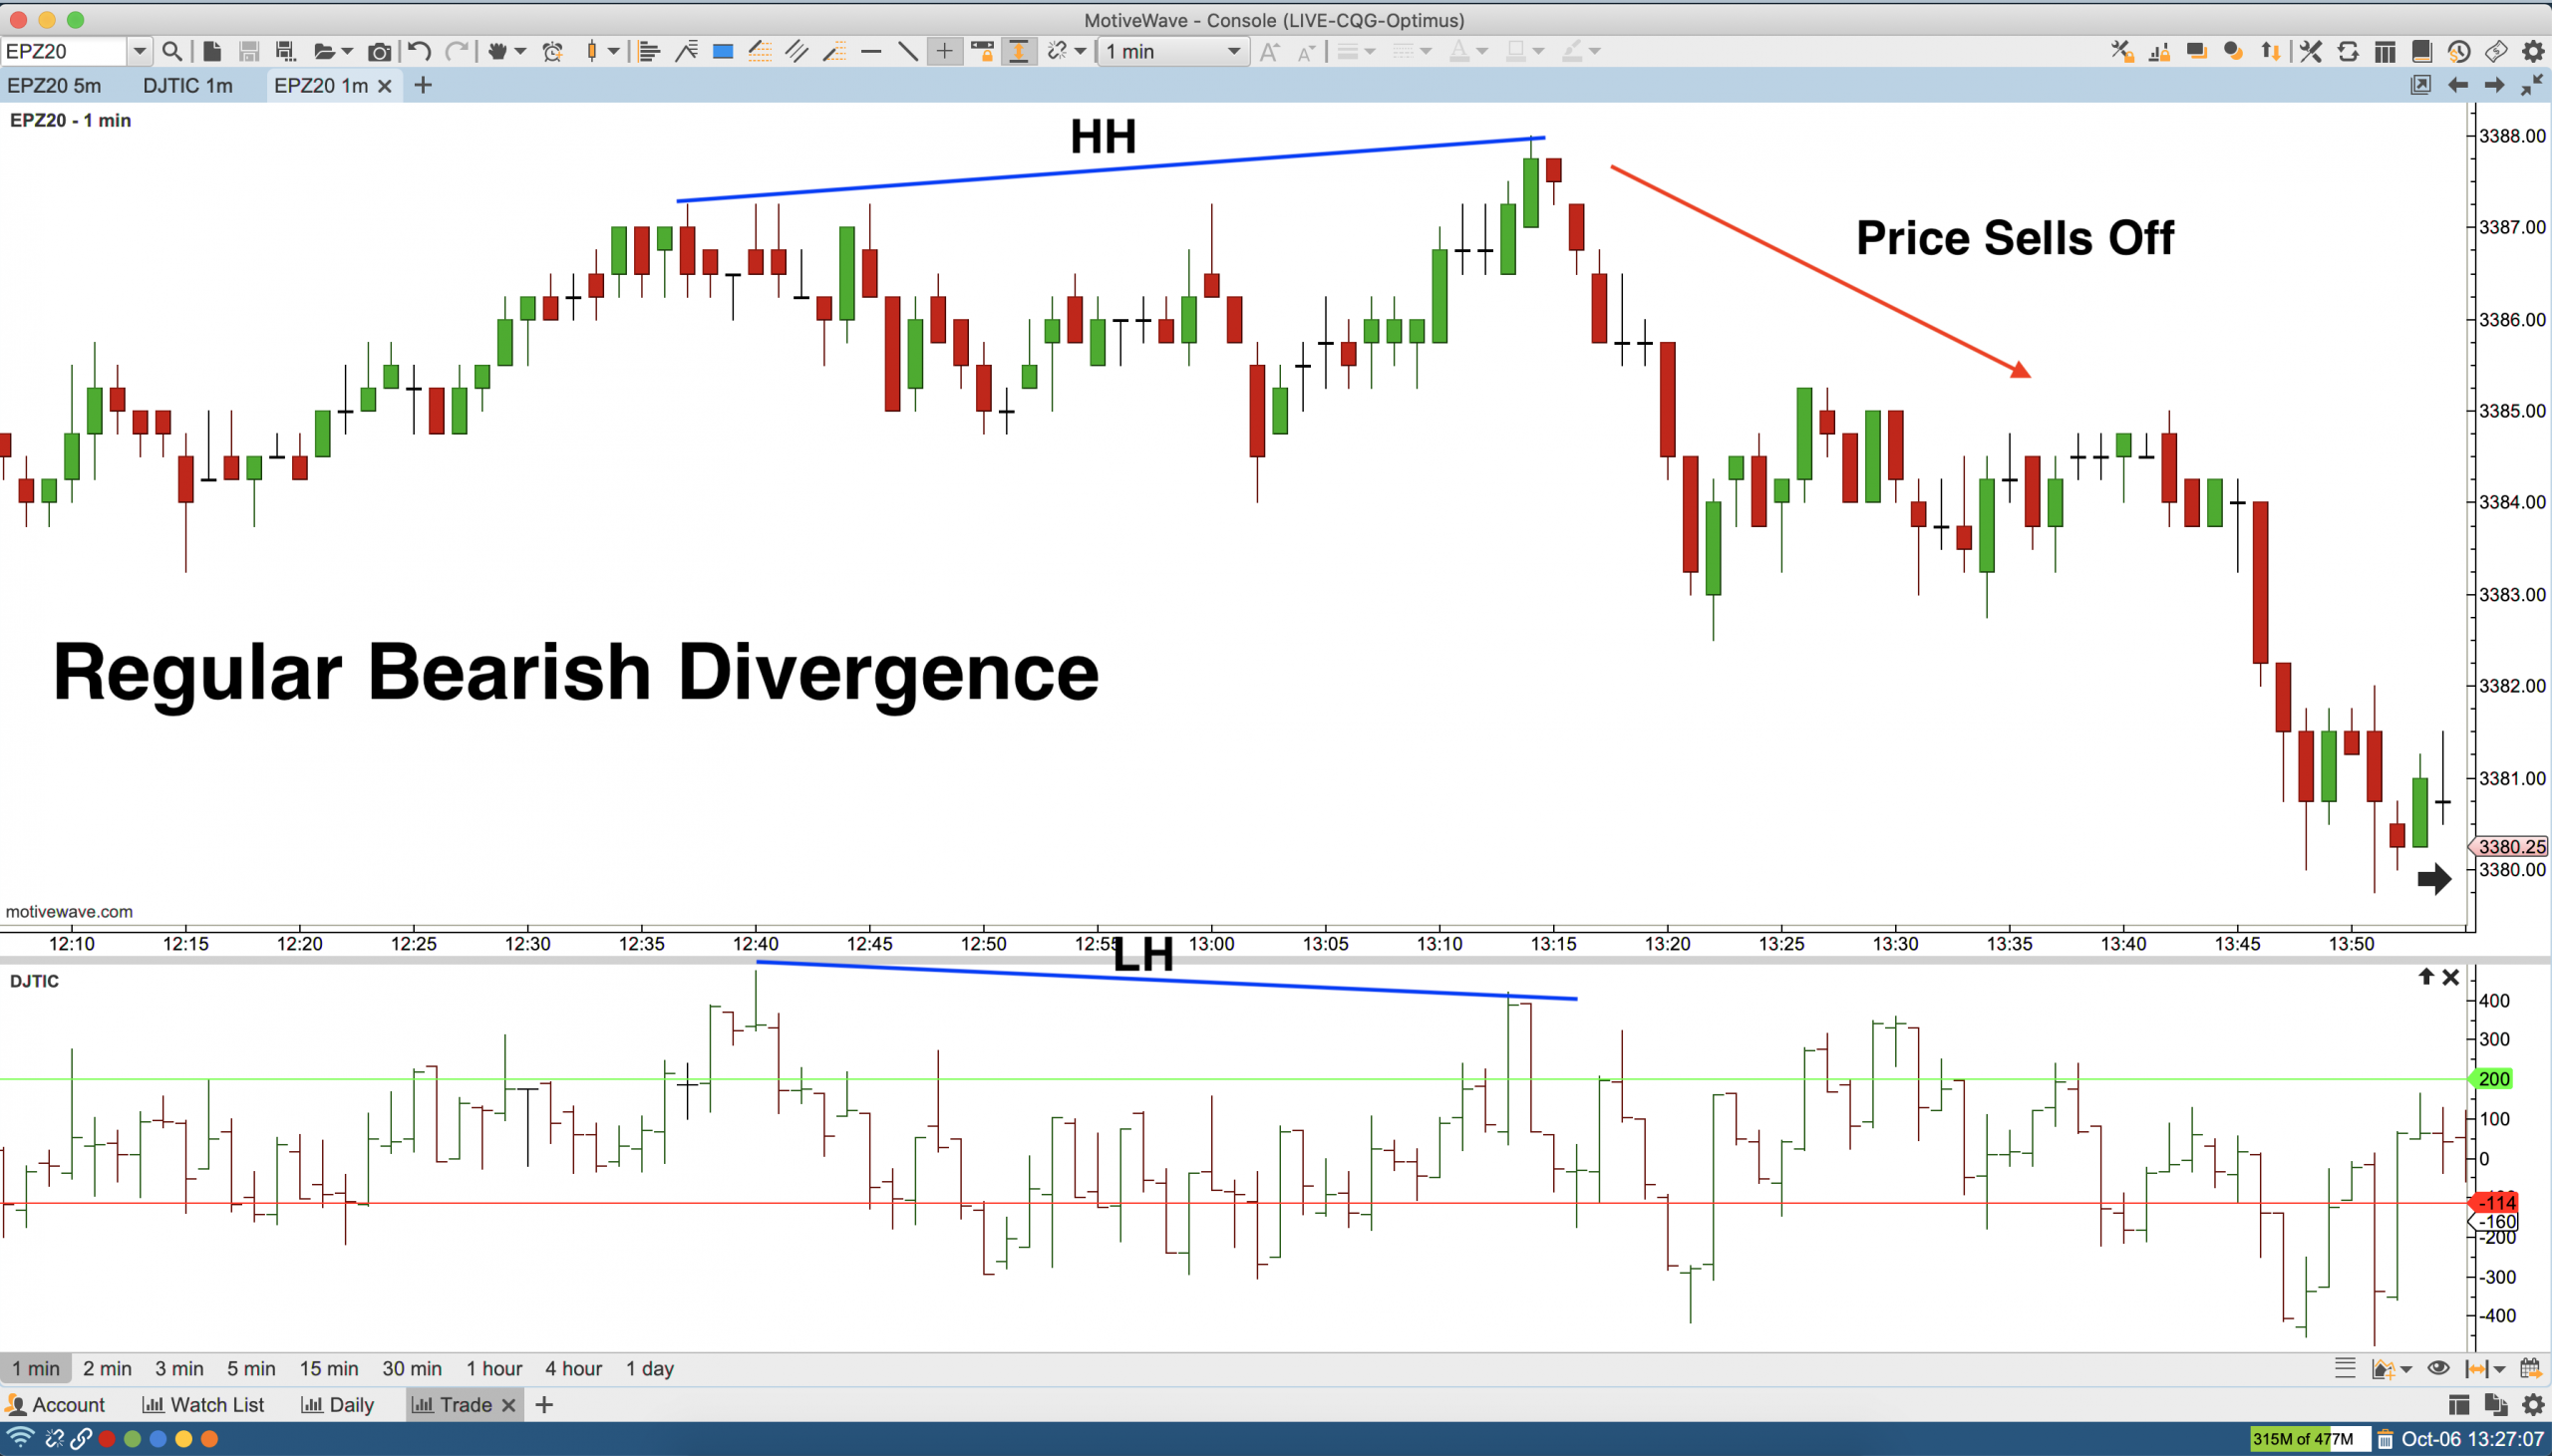 Regular Bearish Divergence NYSE Tick